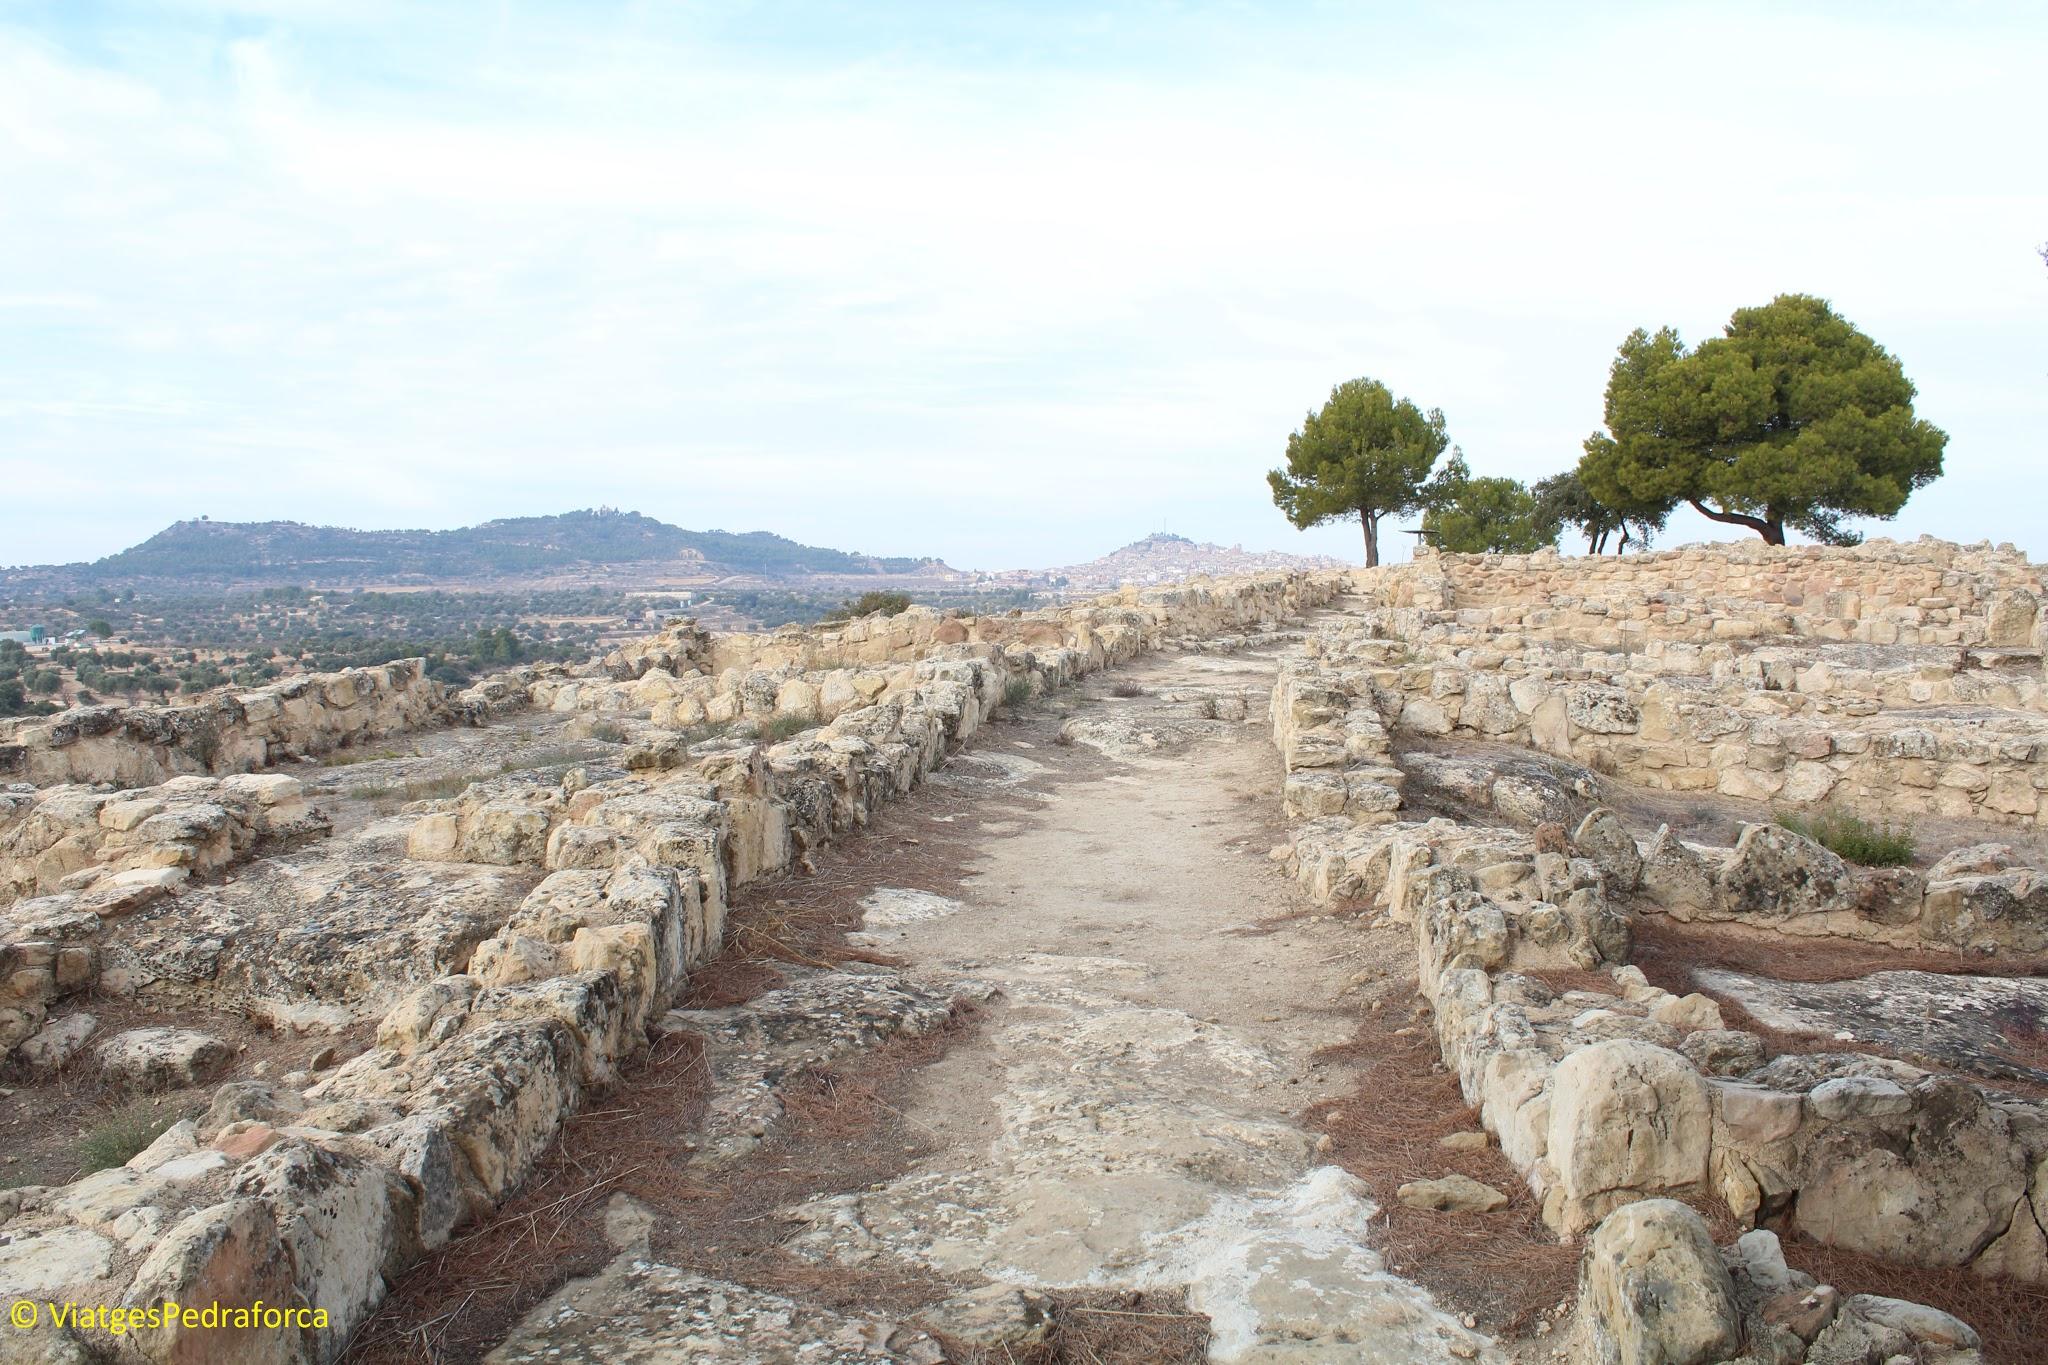 Ruta pel Matarranya i la Terra Alta, arqueologia, ruta dels ibers del Baix Aragó, patrimoni cultural, Terol, Aragó